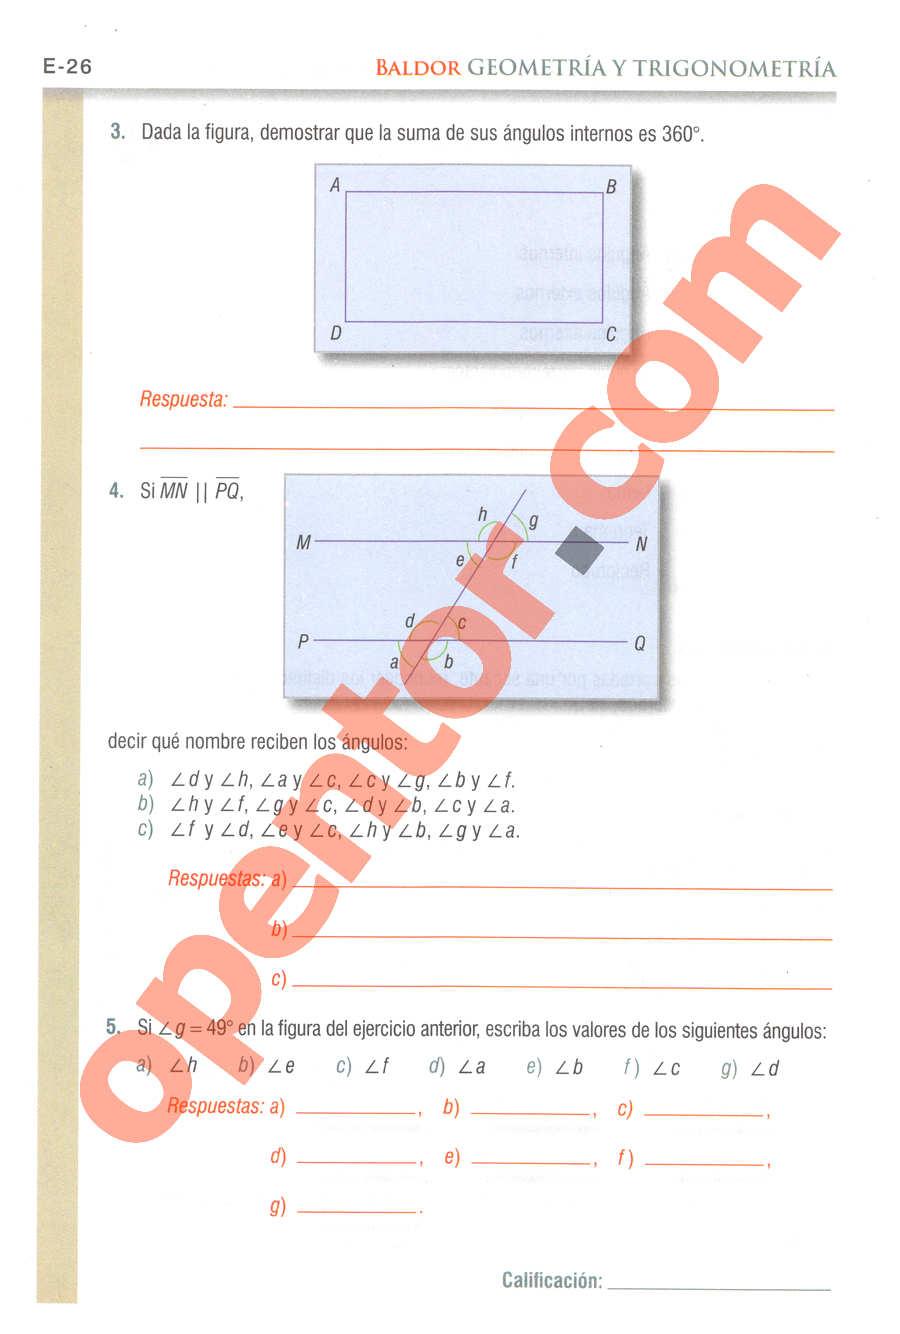 Geometría y Trigonometría de Baldor - Página E26